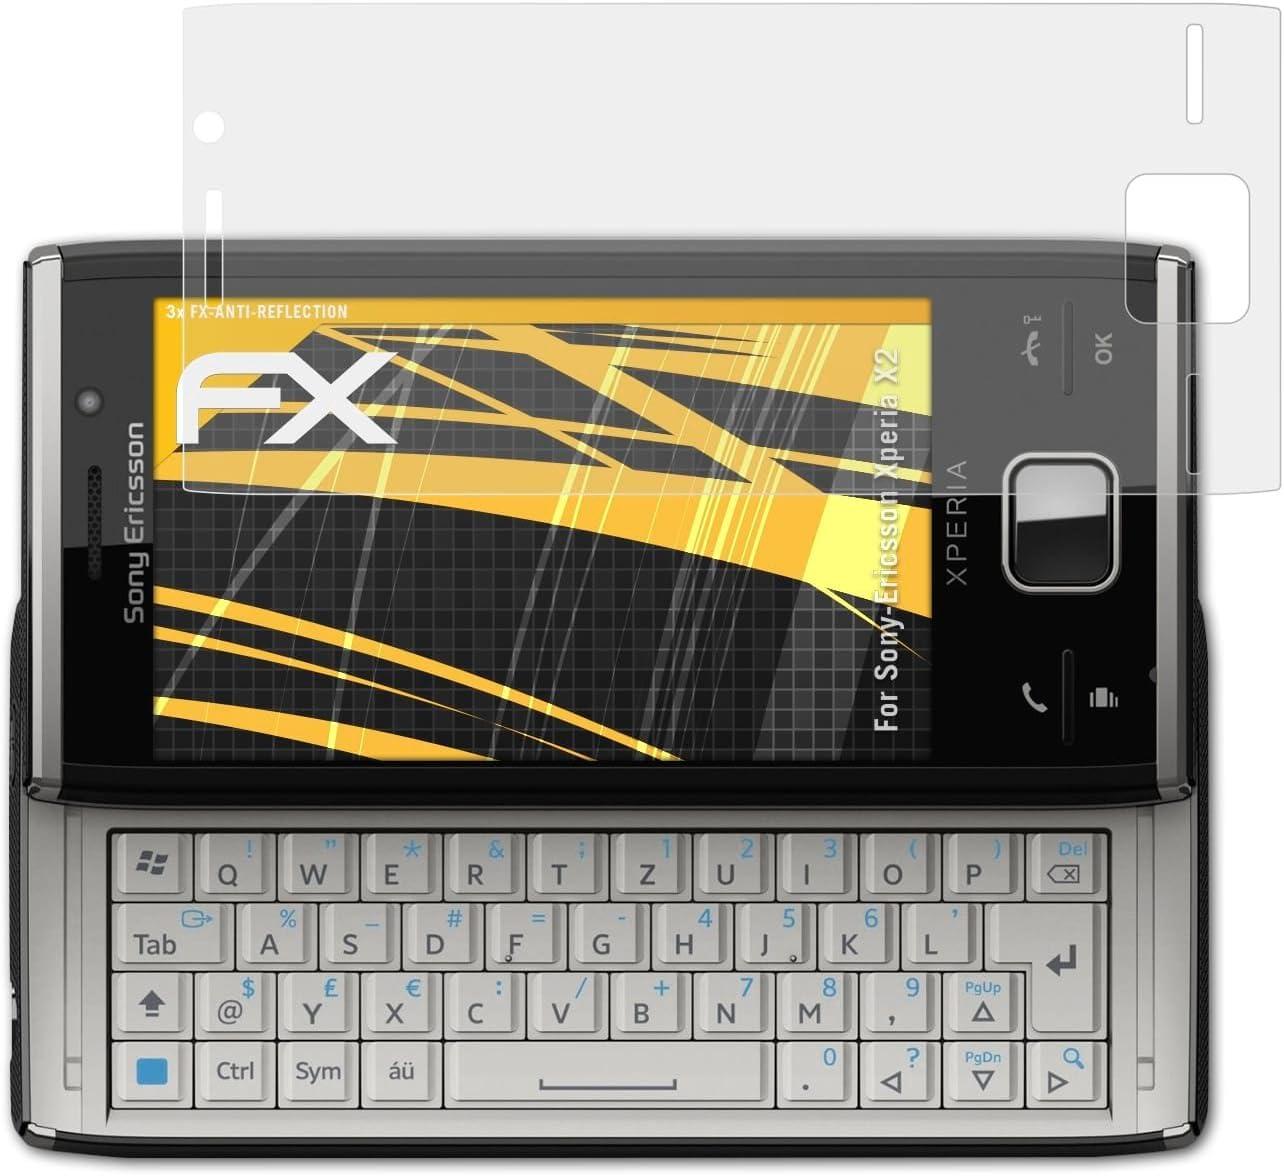 Pour Xperia X8 Télécharger jeux Android Sony-Ericsson gratuits